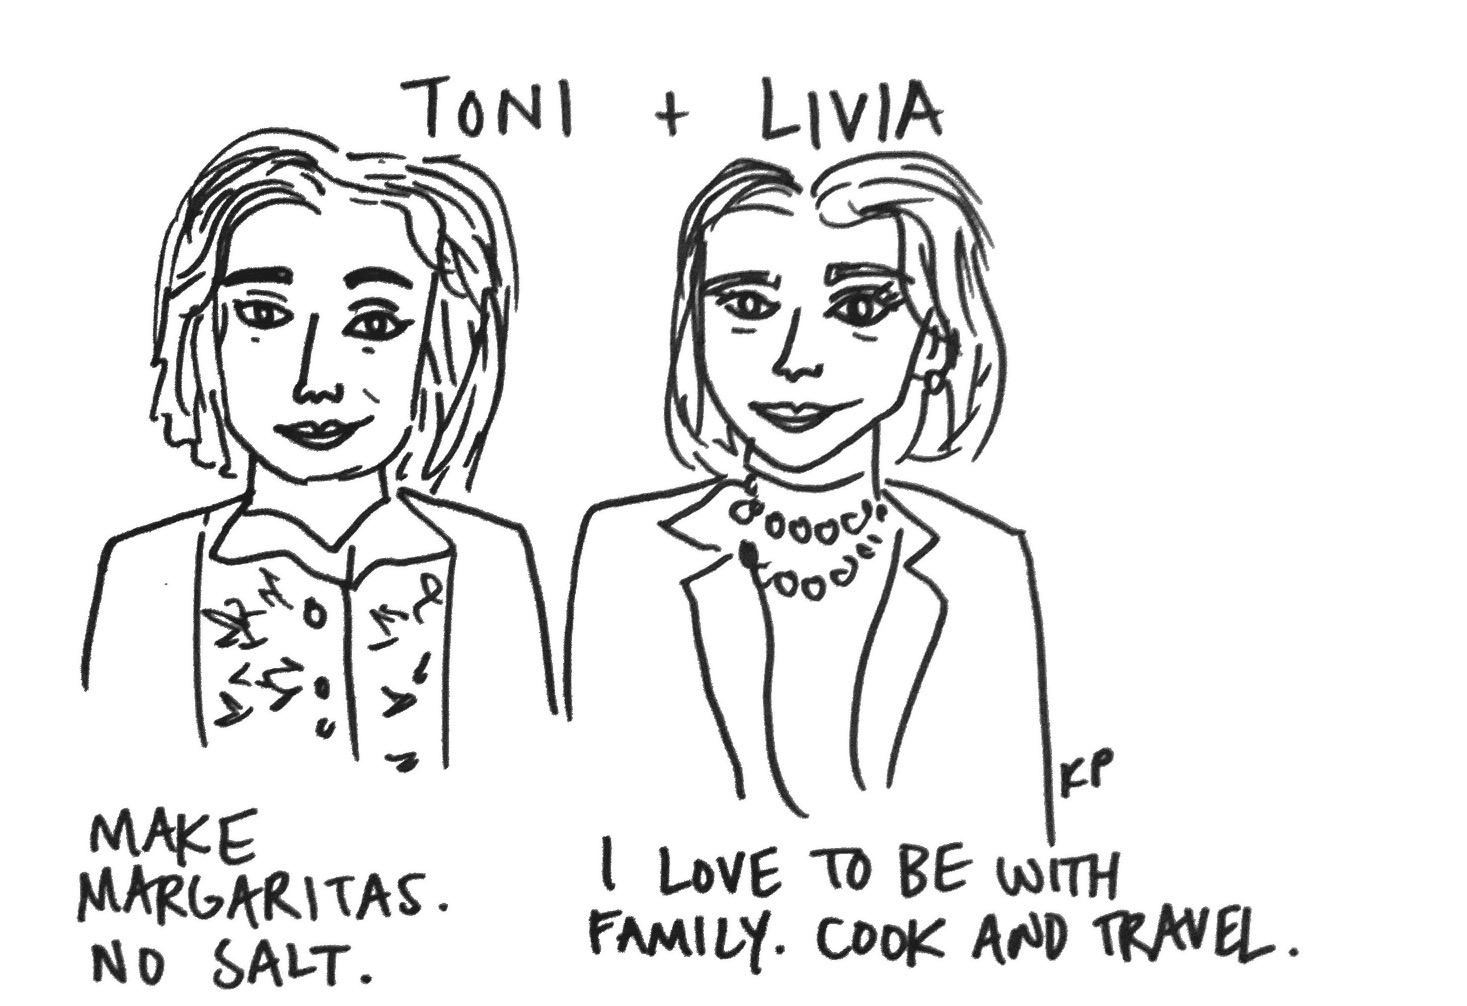 Toni + Livia.jpg